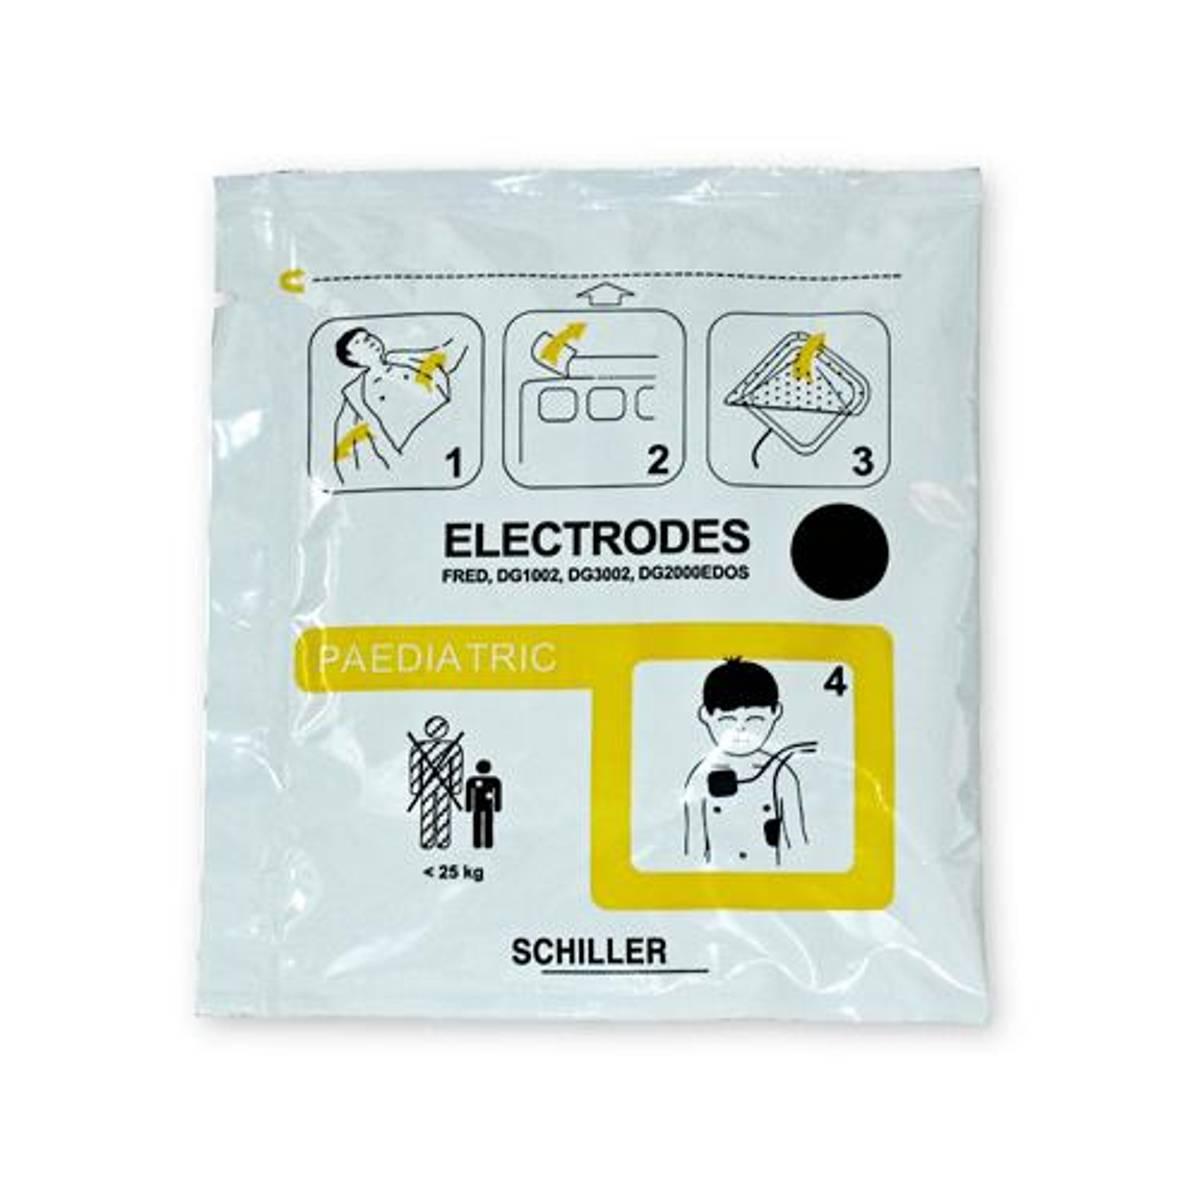 Schiller FRED Easyport DefiSign elektroder barn spedbarn